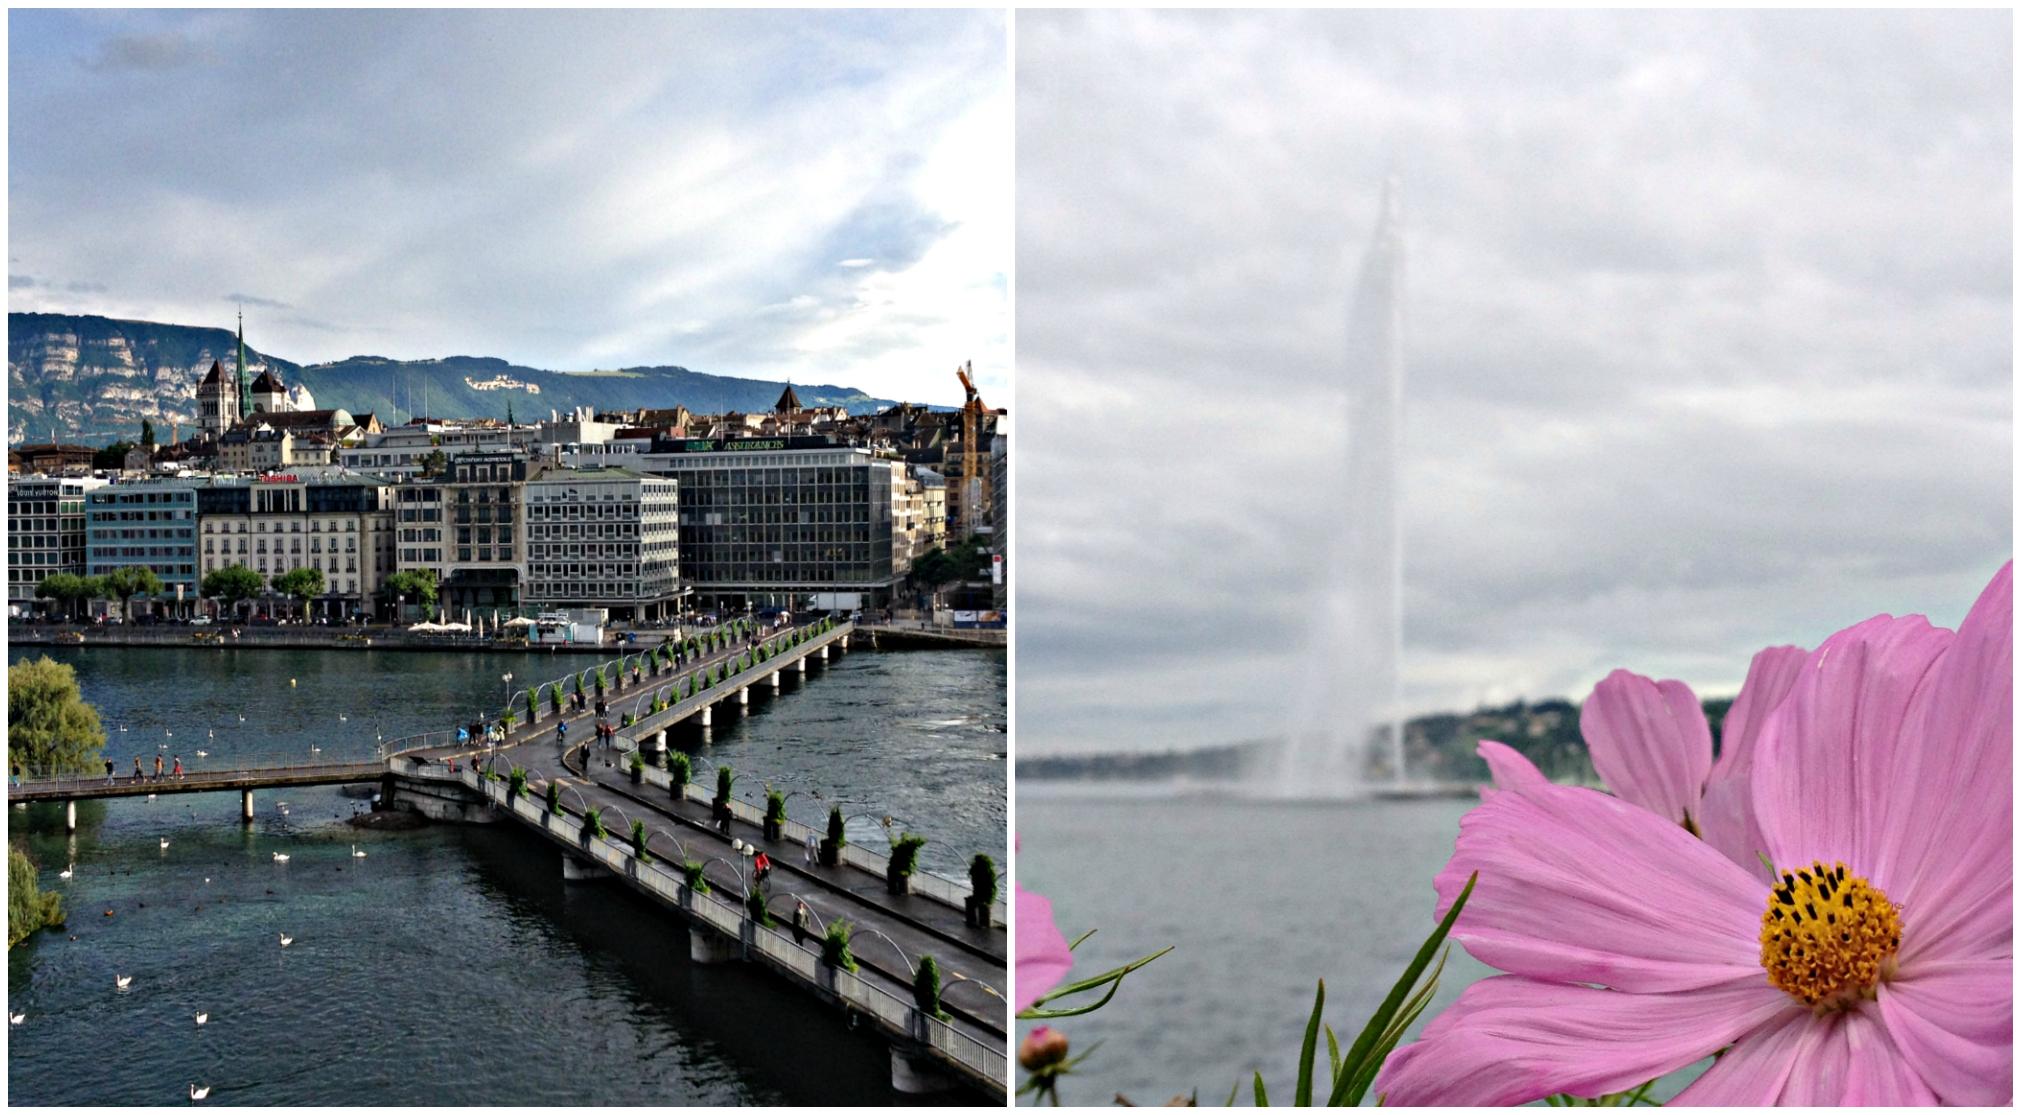 Lake Geneva and Jet d'Eau!